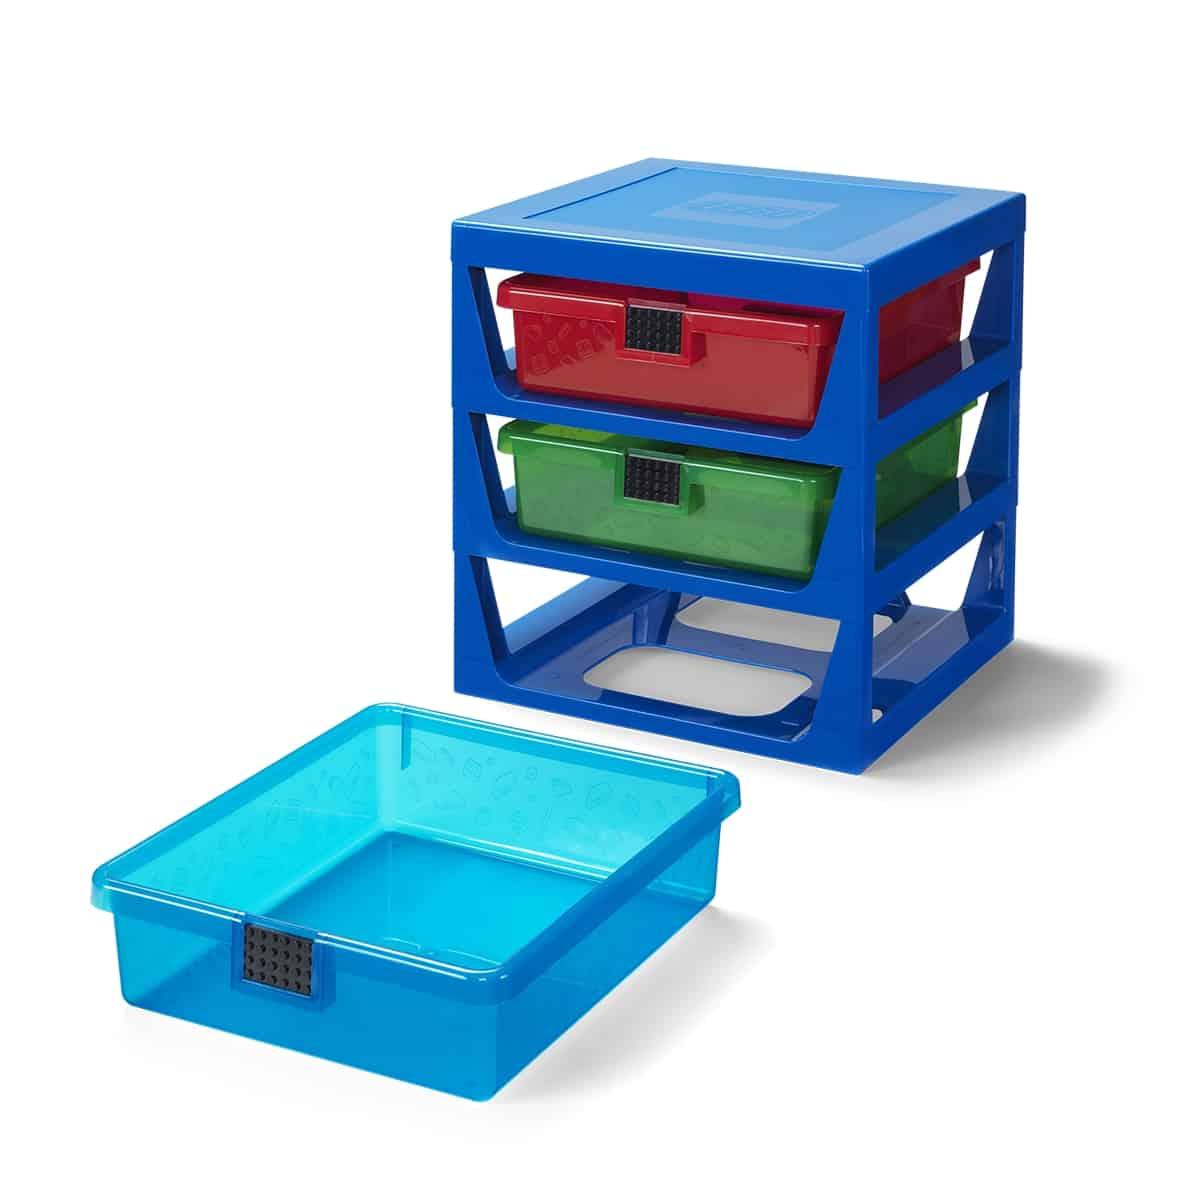 ikoninen lapikuultavan sininen lego 5006179 telinejarjestelma